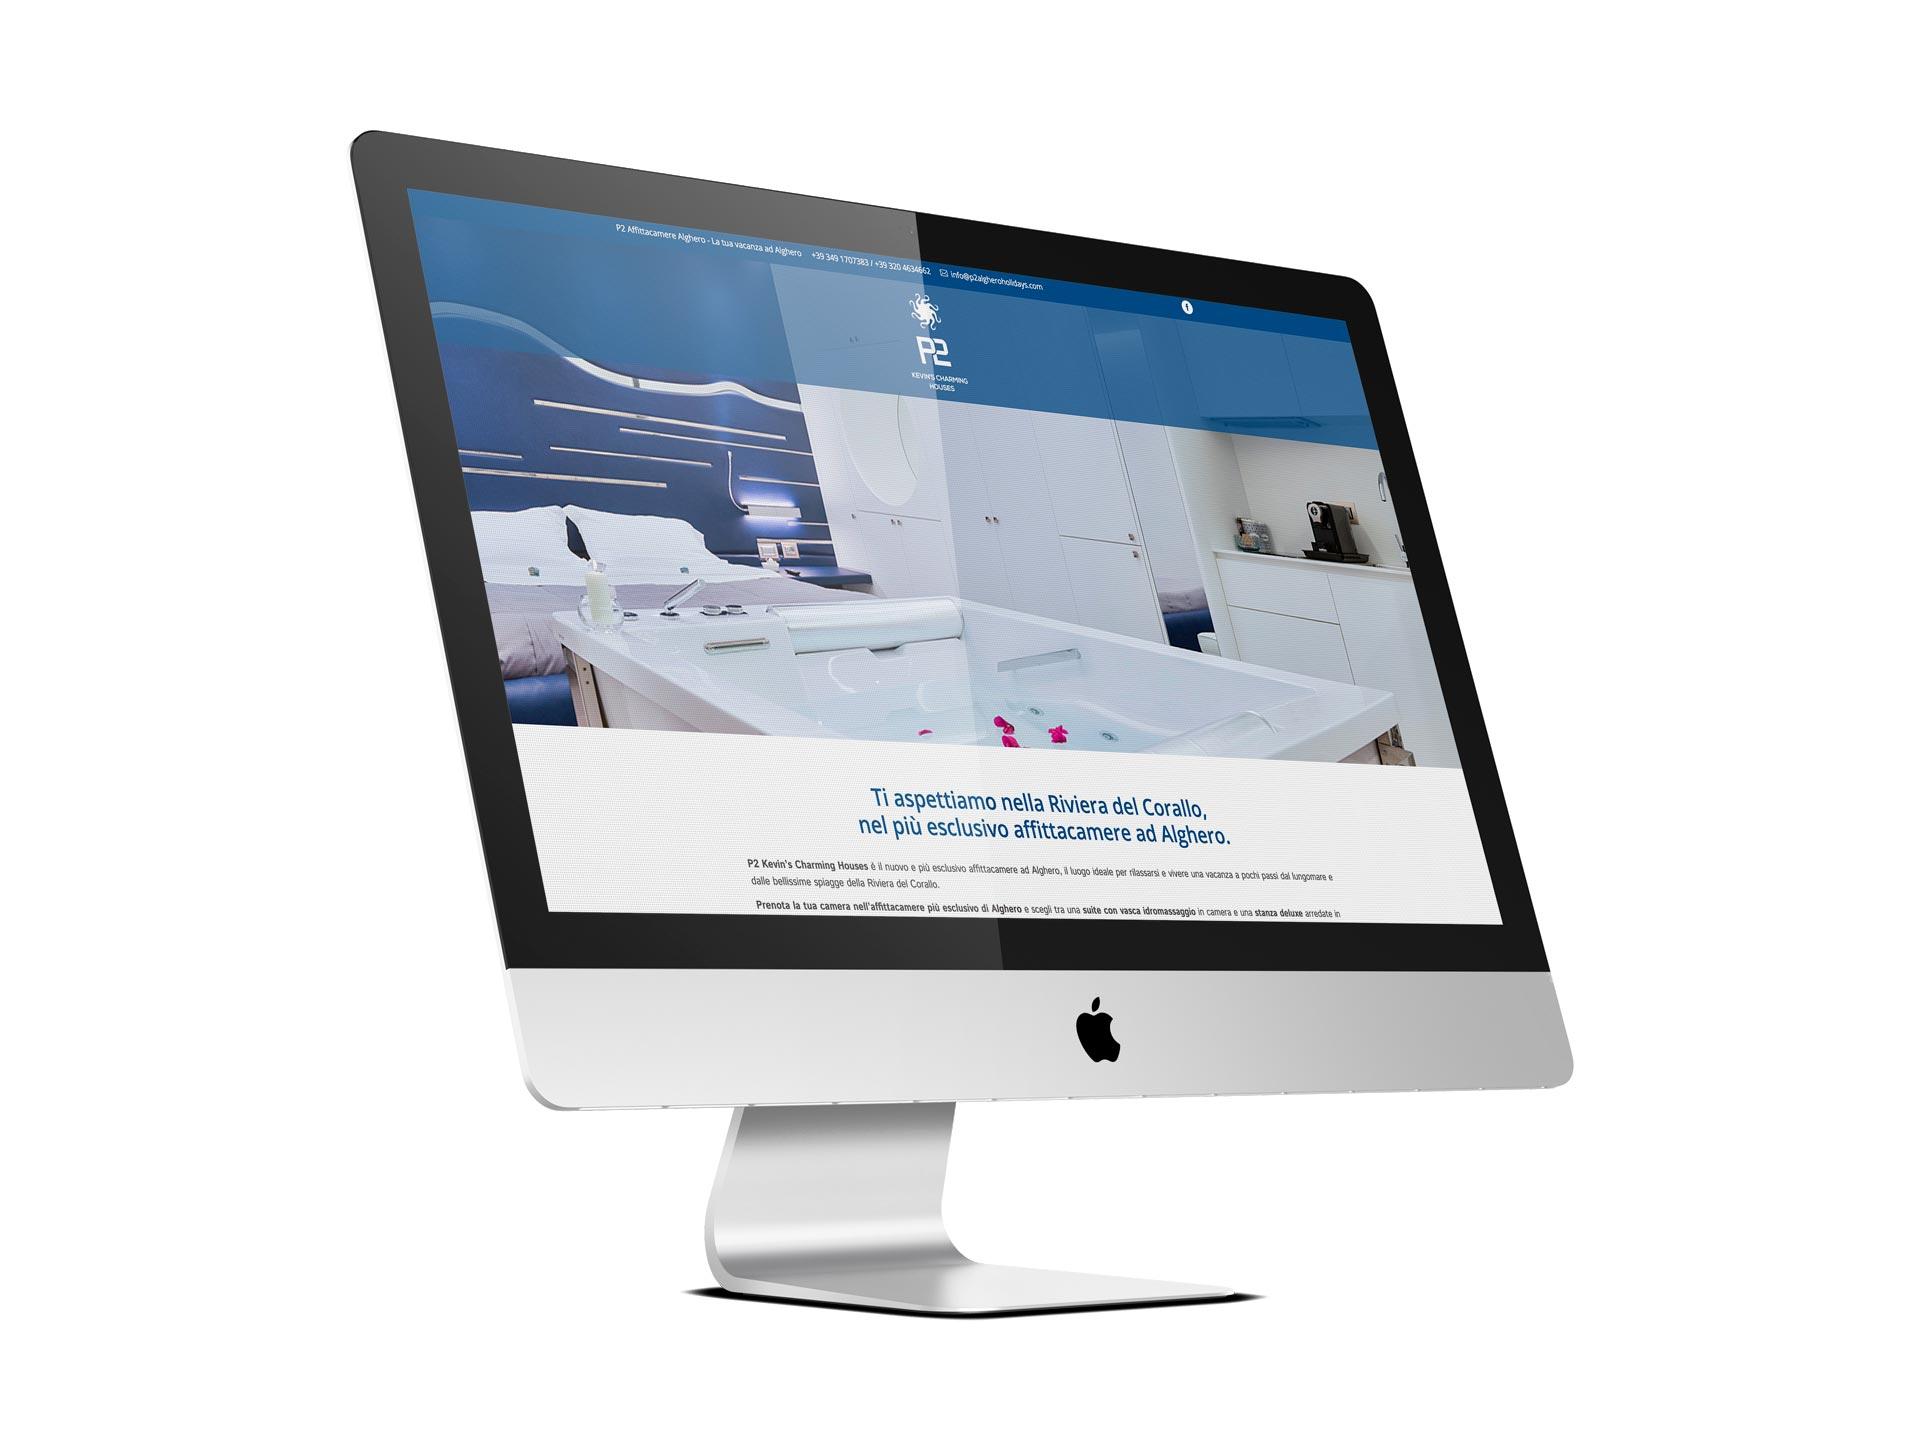 Realizzazione sito P2 Charming House - RedfishAdv